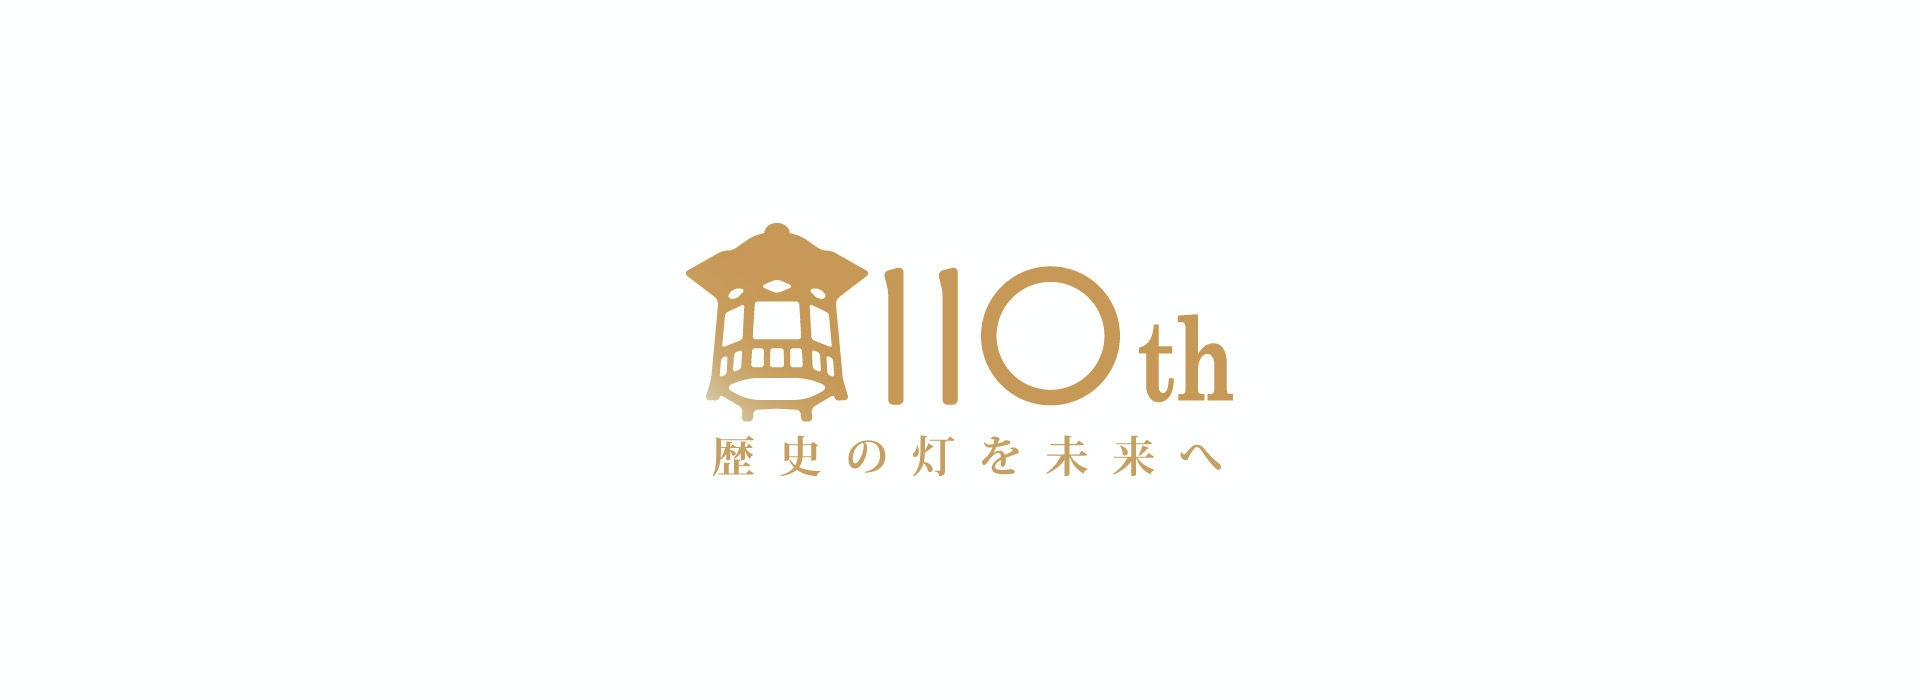 奈良ホテル創業110周年